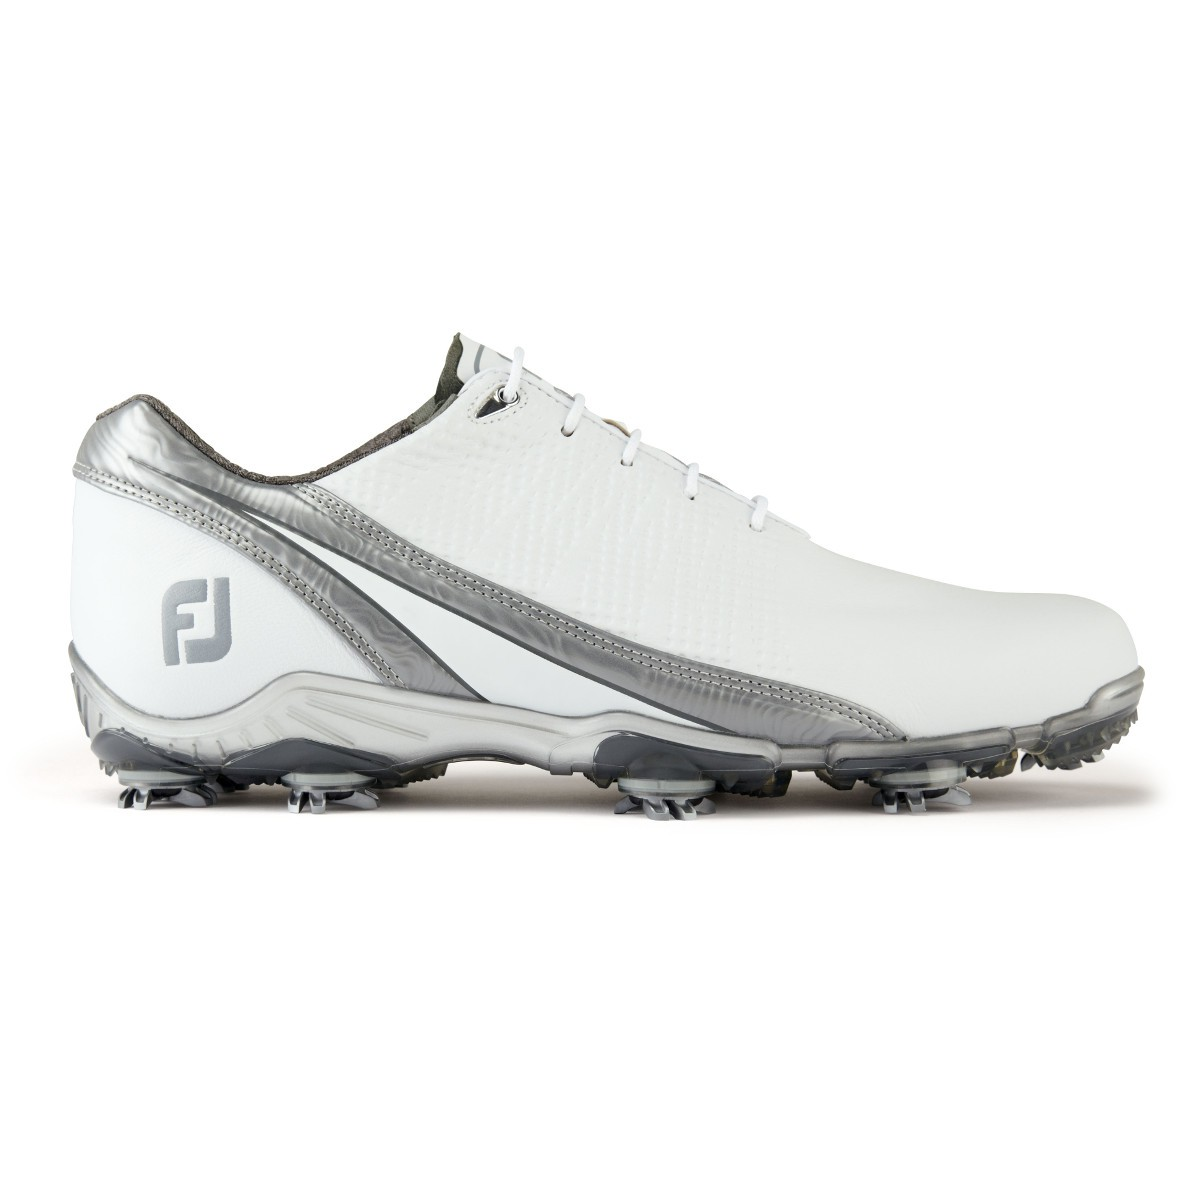 Golflaedchen.de FootJoy DNA 2.0 Herren Golfschuhe, Weiß / Platinum